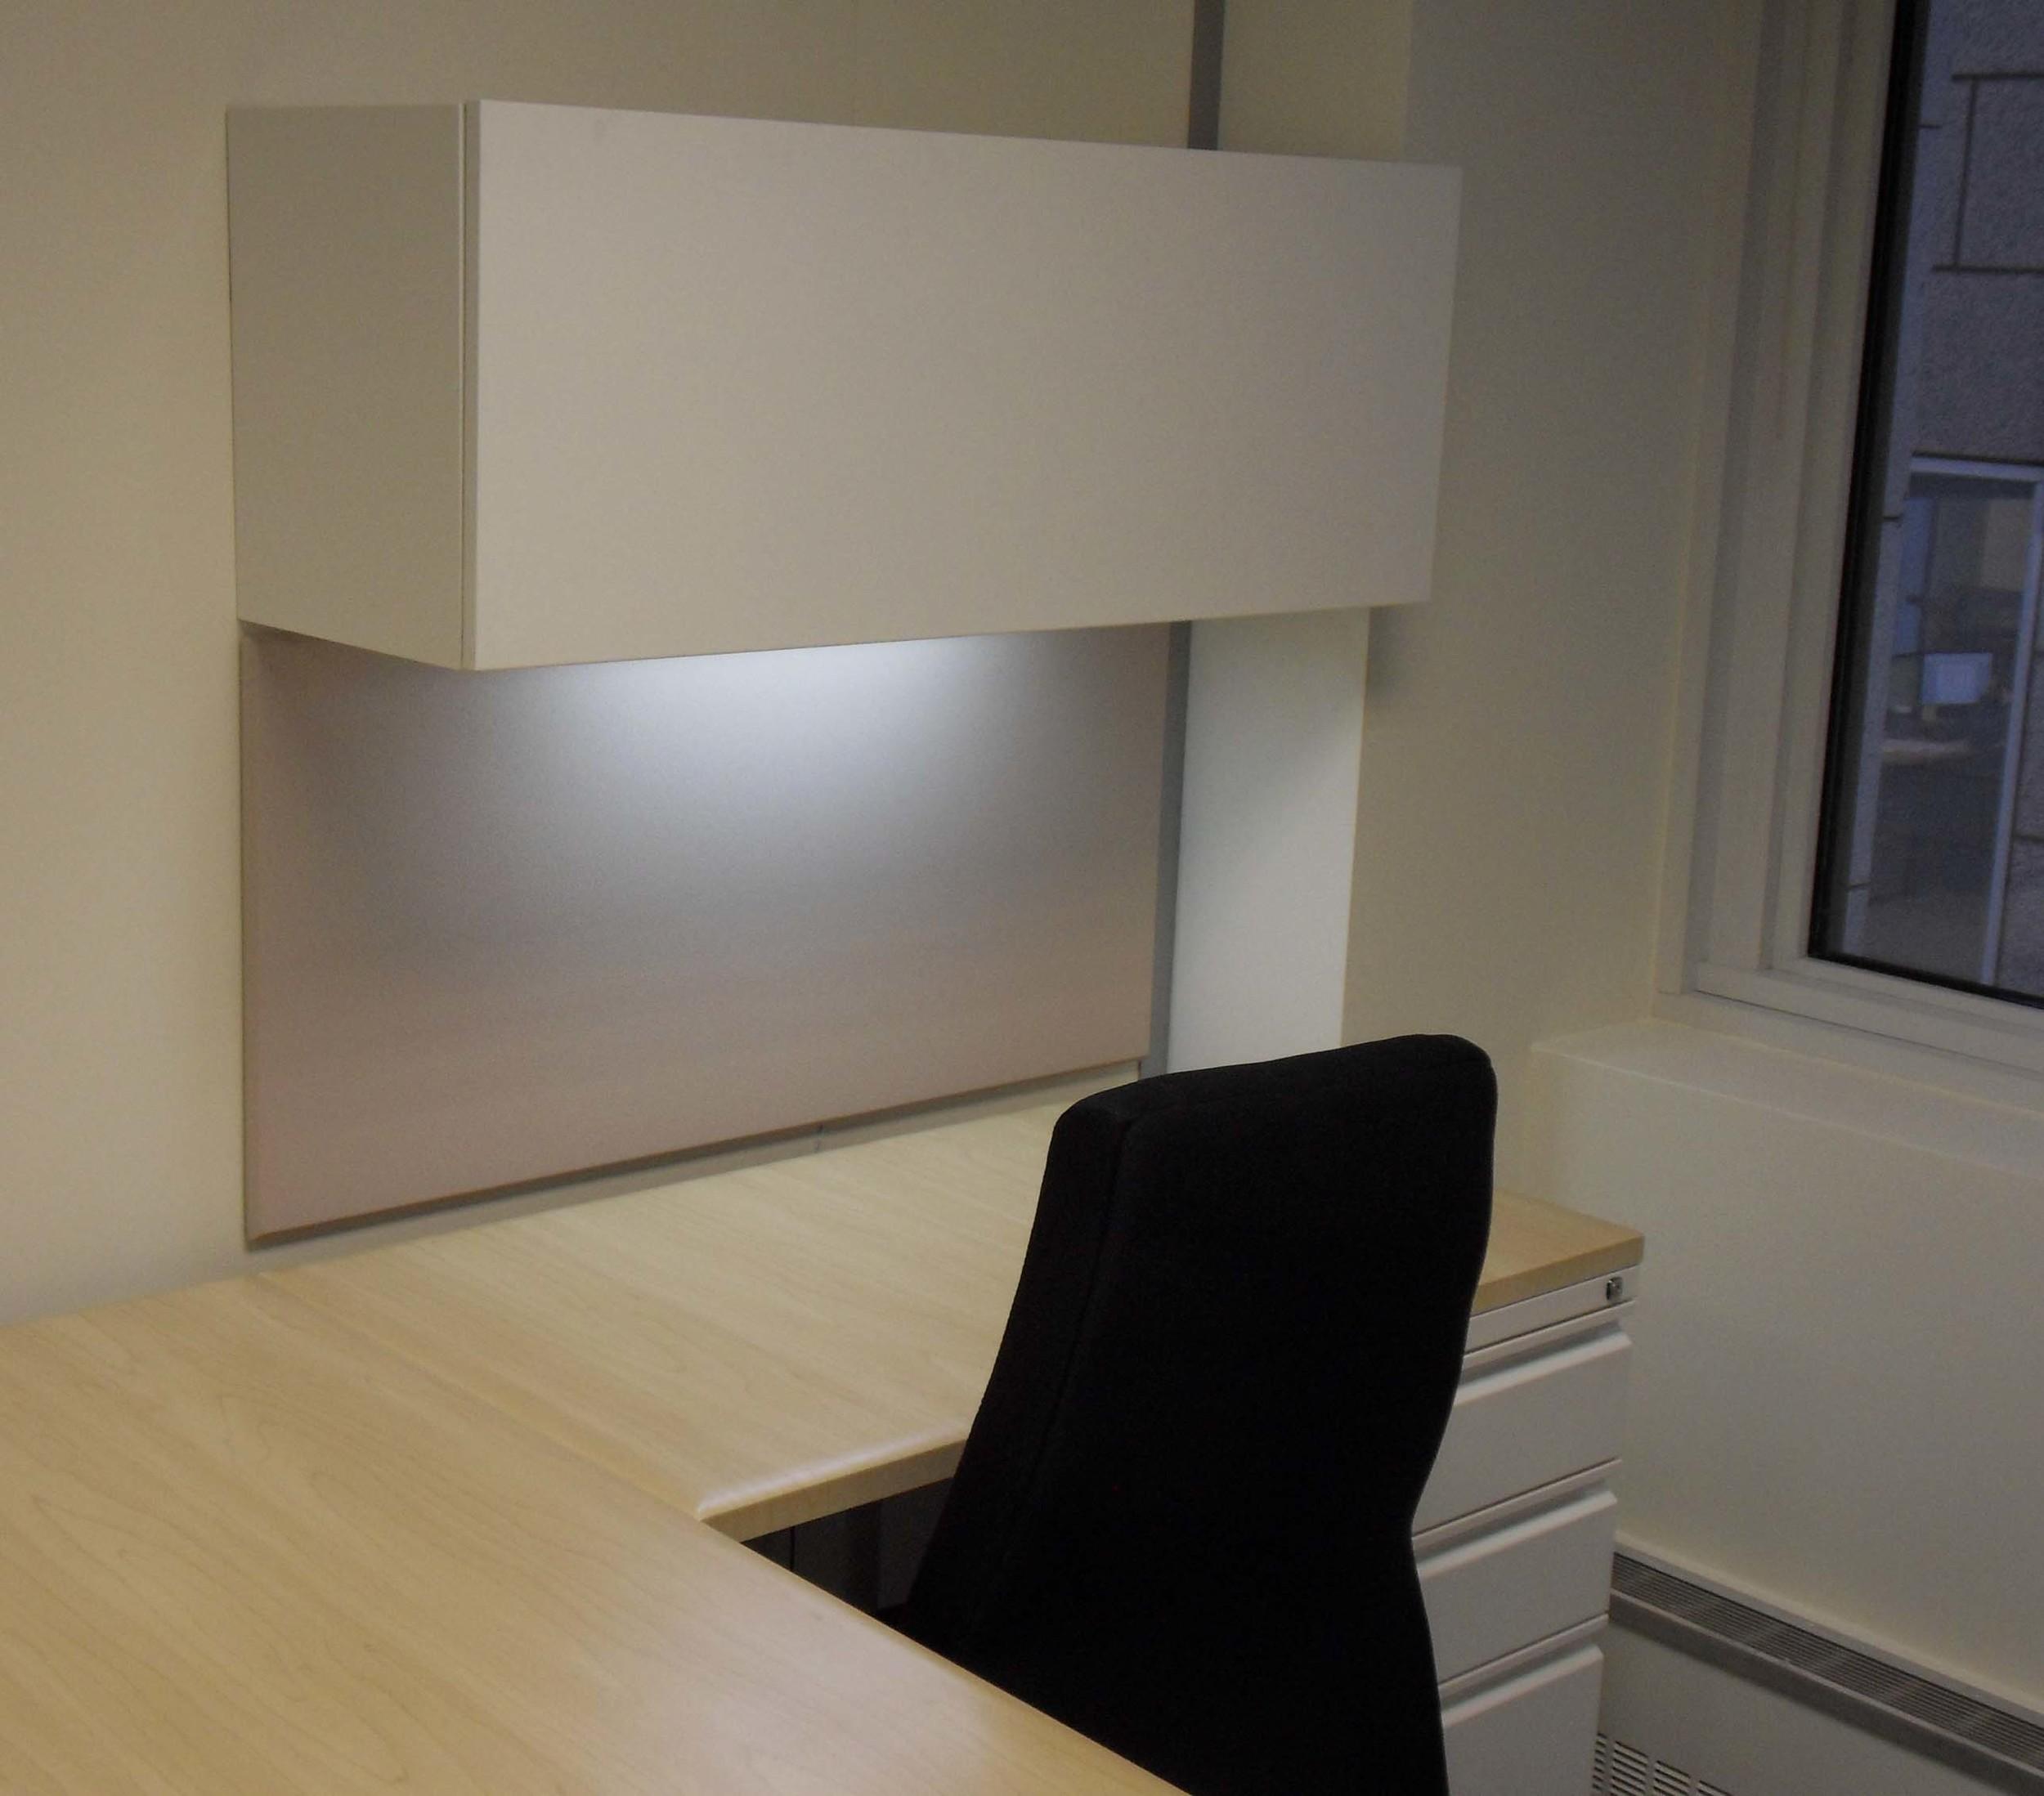 Workstation_LED_Undercabinet2.jpg